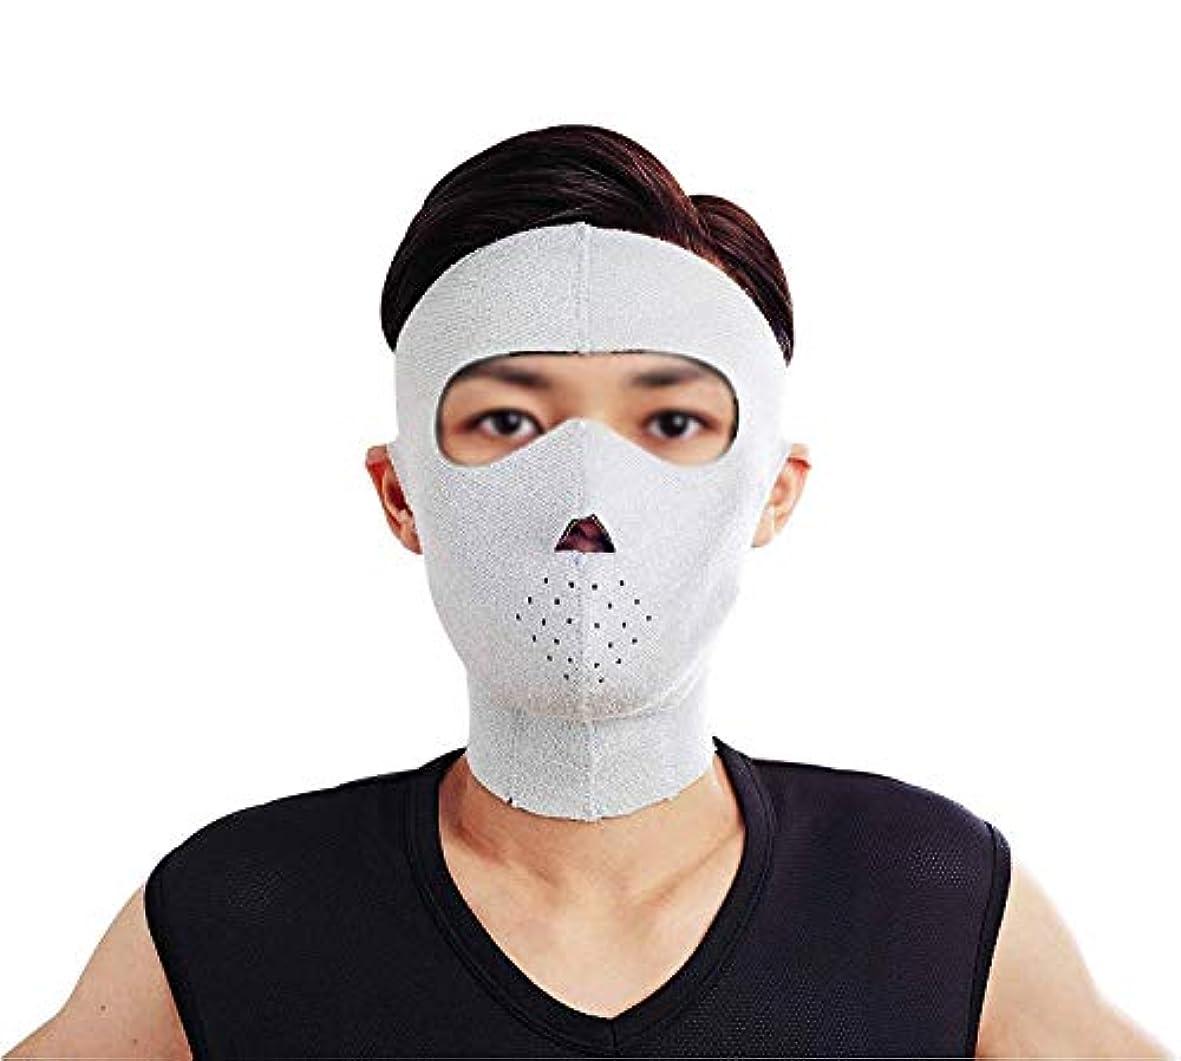 にはまって配列地域フェイスリフトマスク、フェイシャルマスクプラス薄いフェイスマスクタイトなたるみの薄いフェイスマスクフェイシャル薄いフェイスマスクアーティファクトビューティー男性ネックストラップ付き